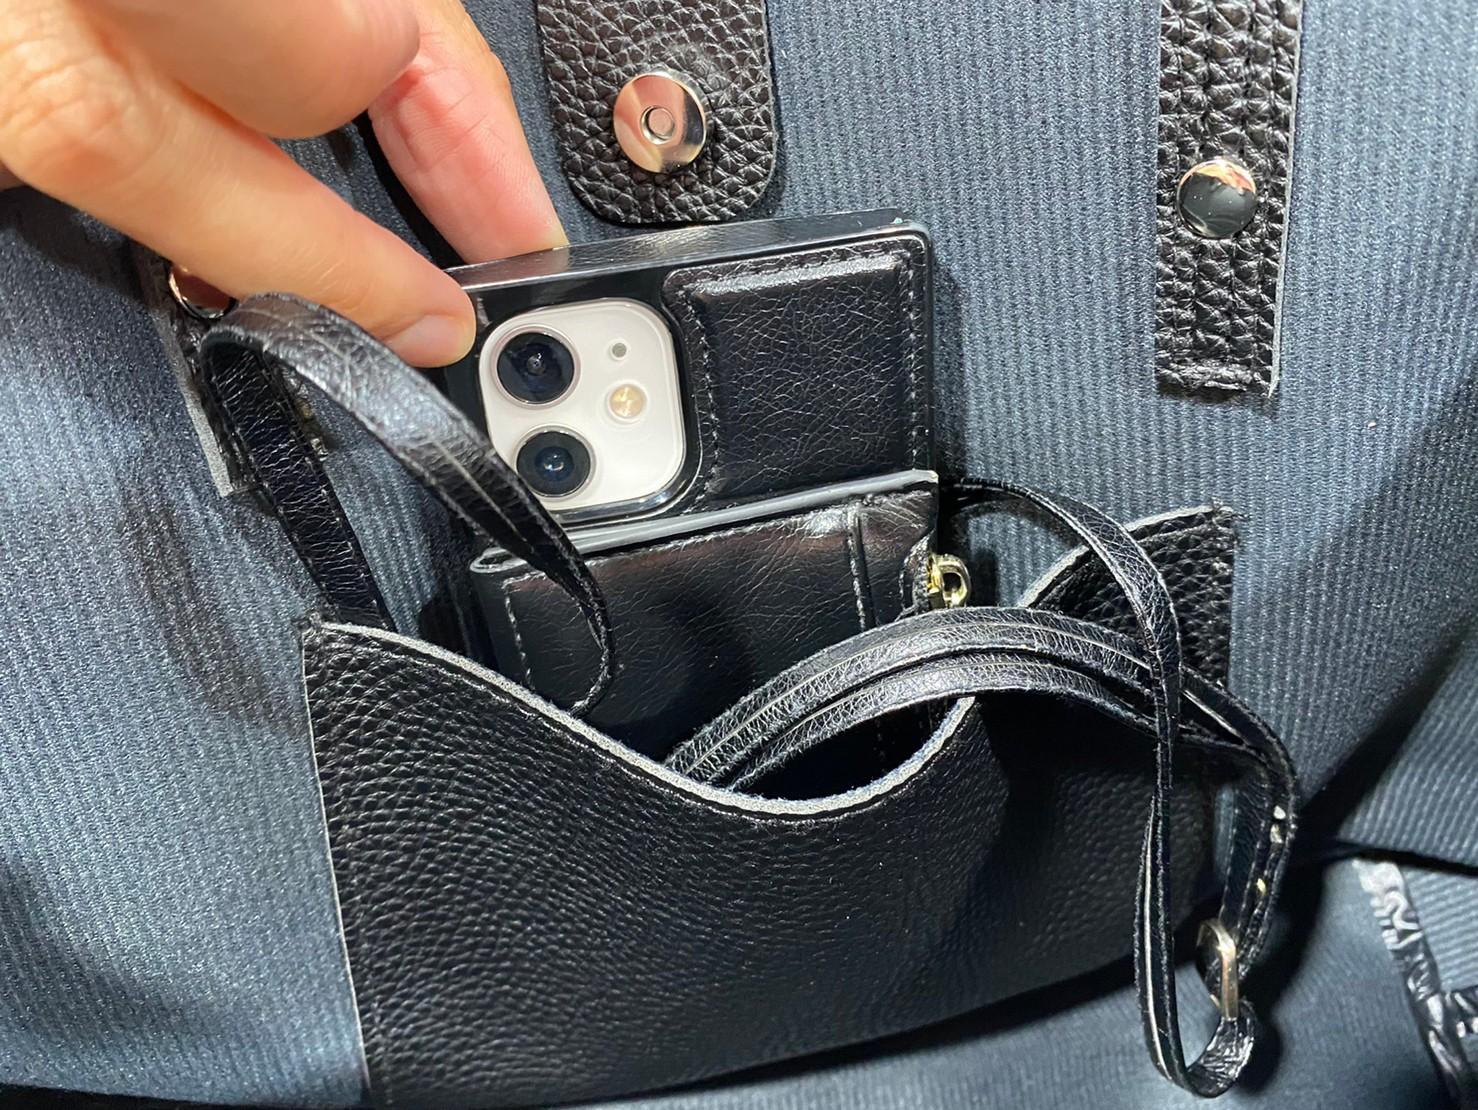 『egロゴトートバッグ』の内ポケット画像